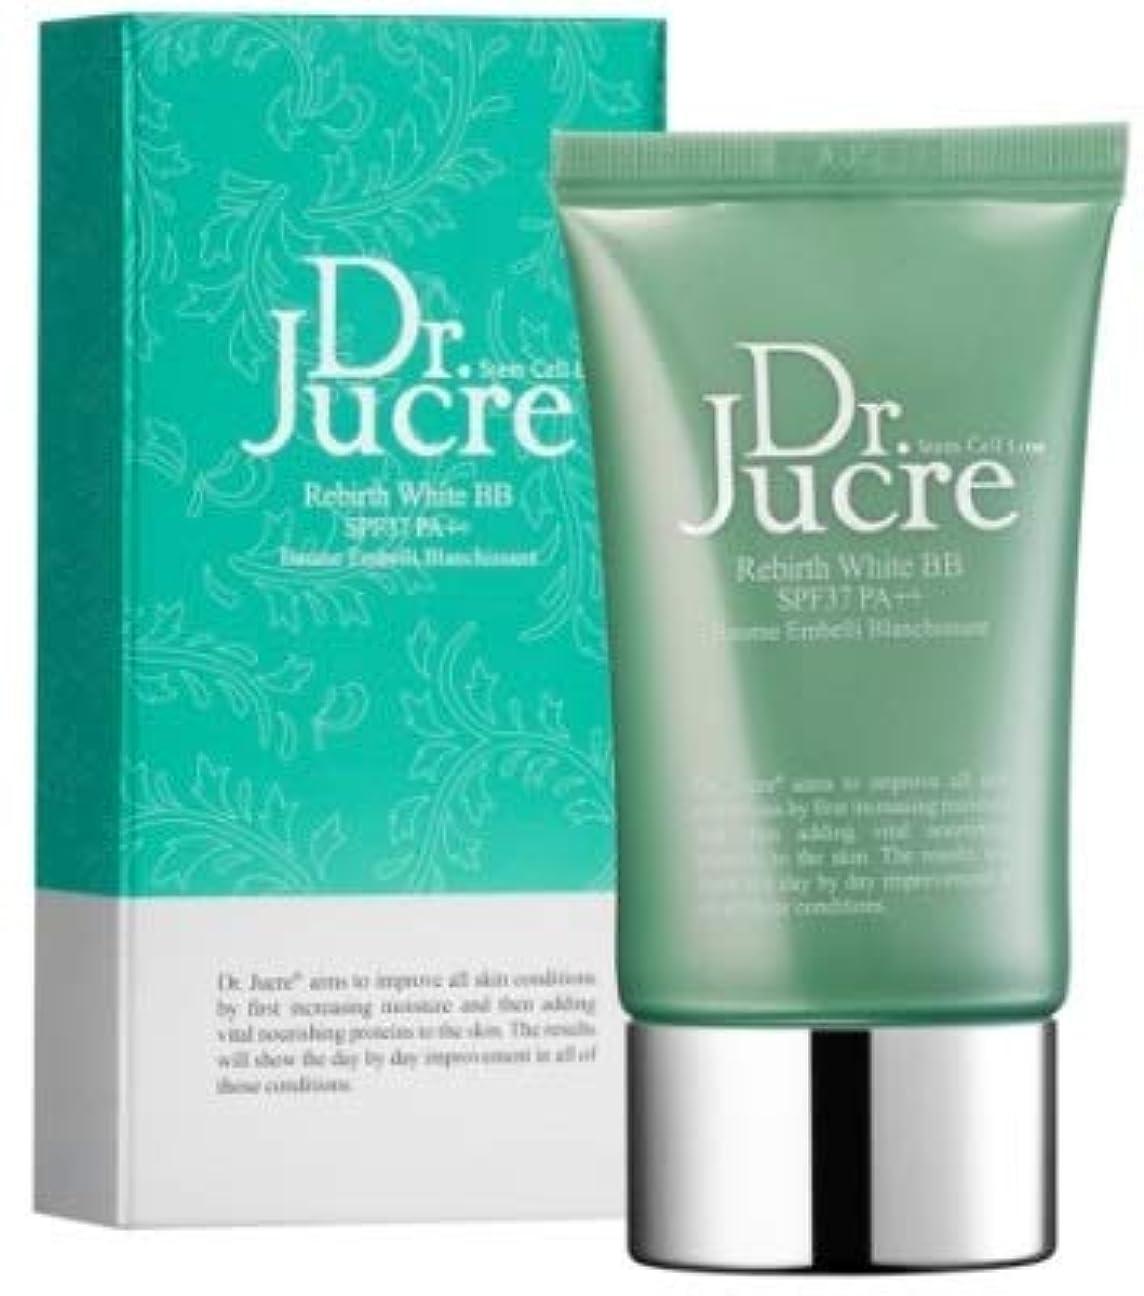 人類ジョイントロンドンドクタージュクル ホワイトBB【Dr.Jucre White BB】30ml ヒト幹細胞化粧品 ヒト幹細胞培養液1% BBクリーム